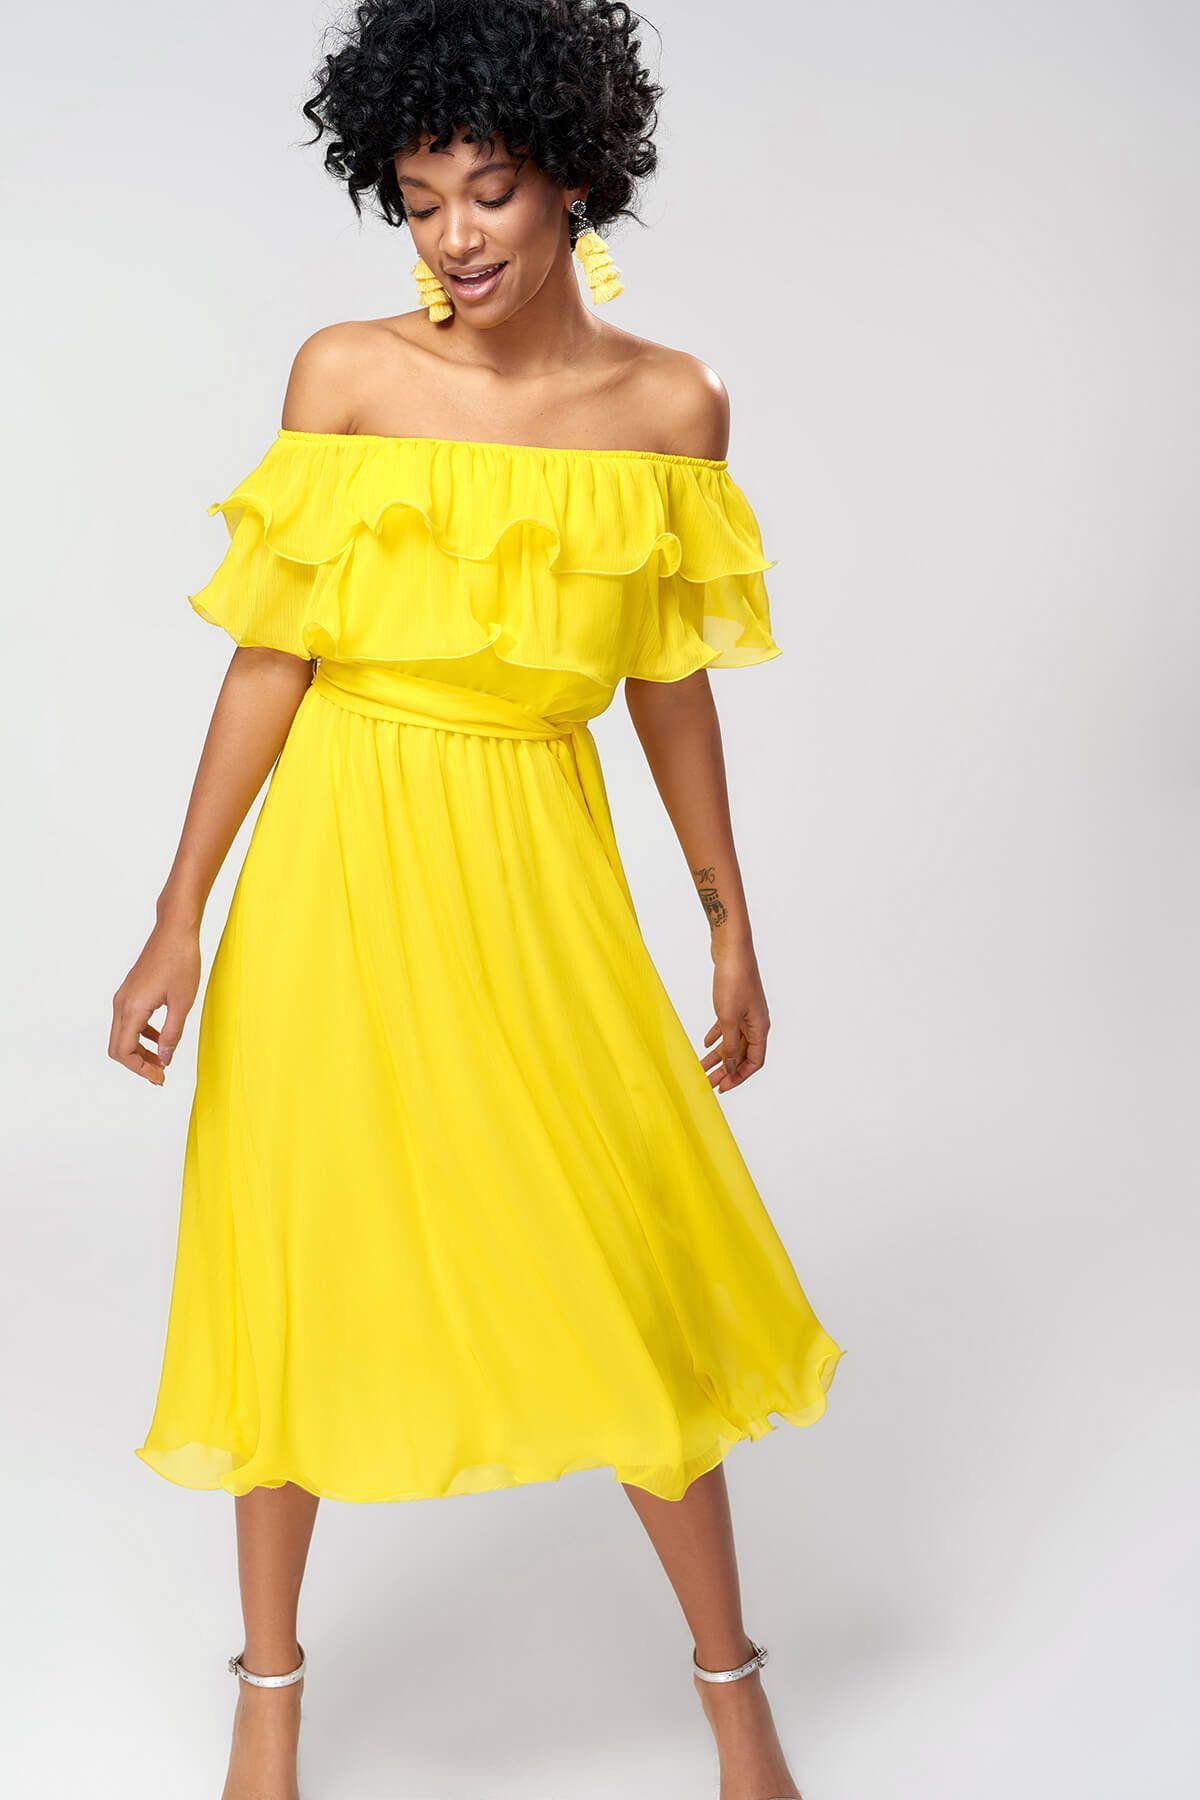 2020 yazlik sari elbise modelleri midi straplez dusuk kol yakasi firfir detayli kiyafet kombinleri elbise modelleri sari elbise the dress